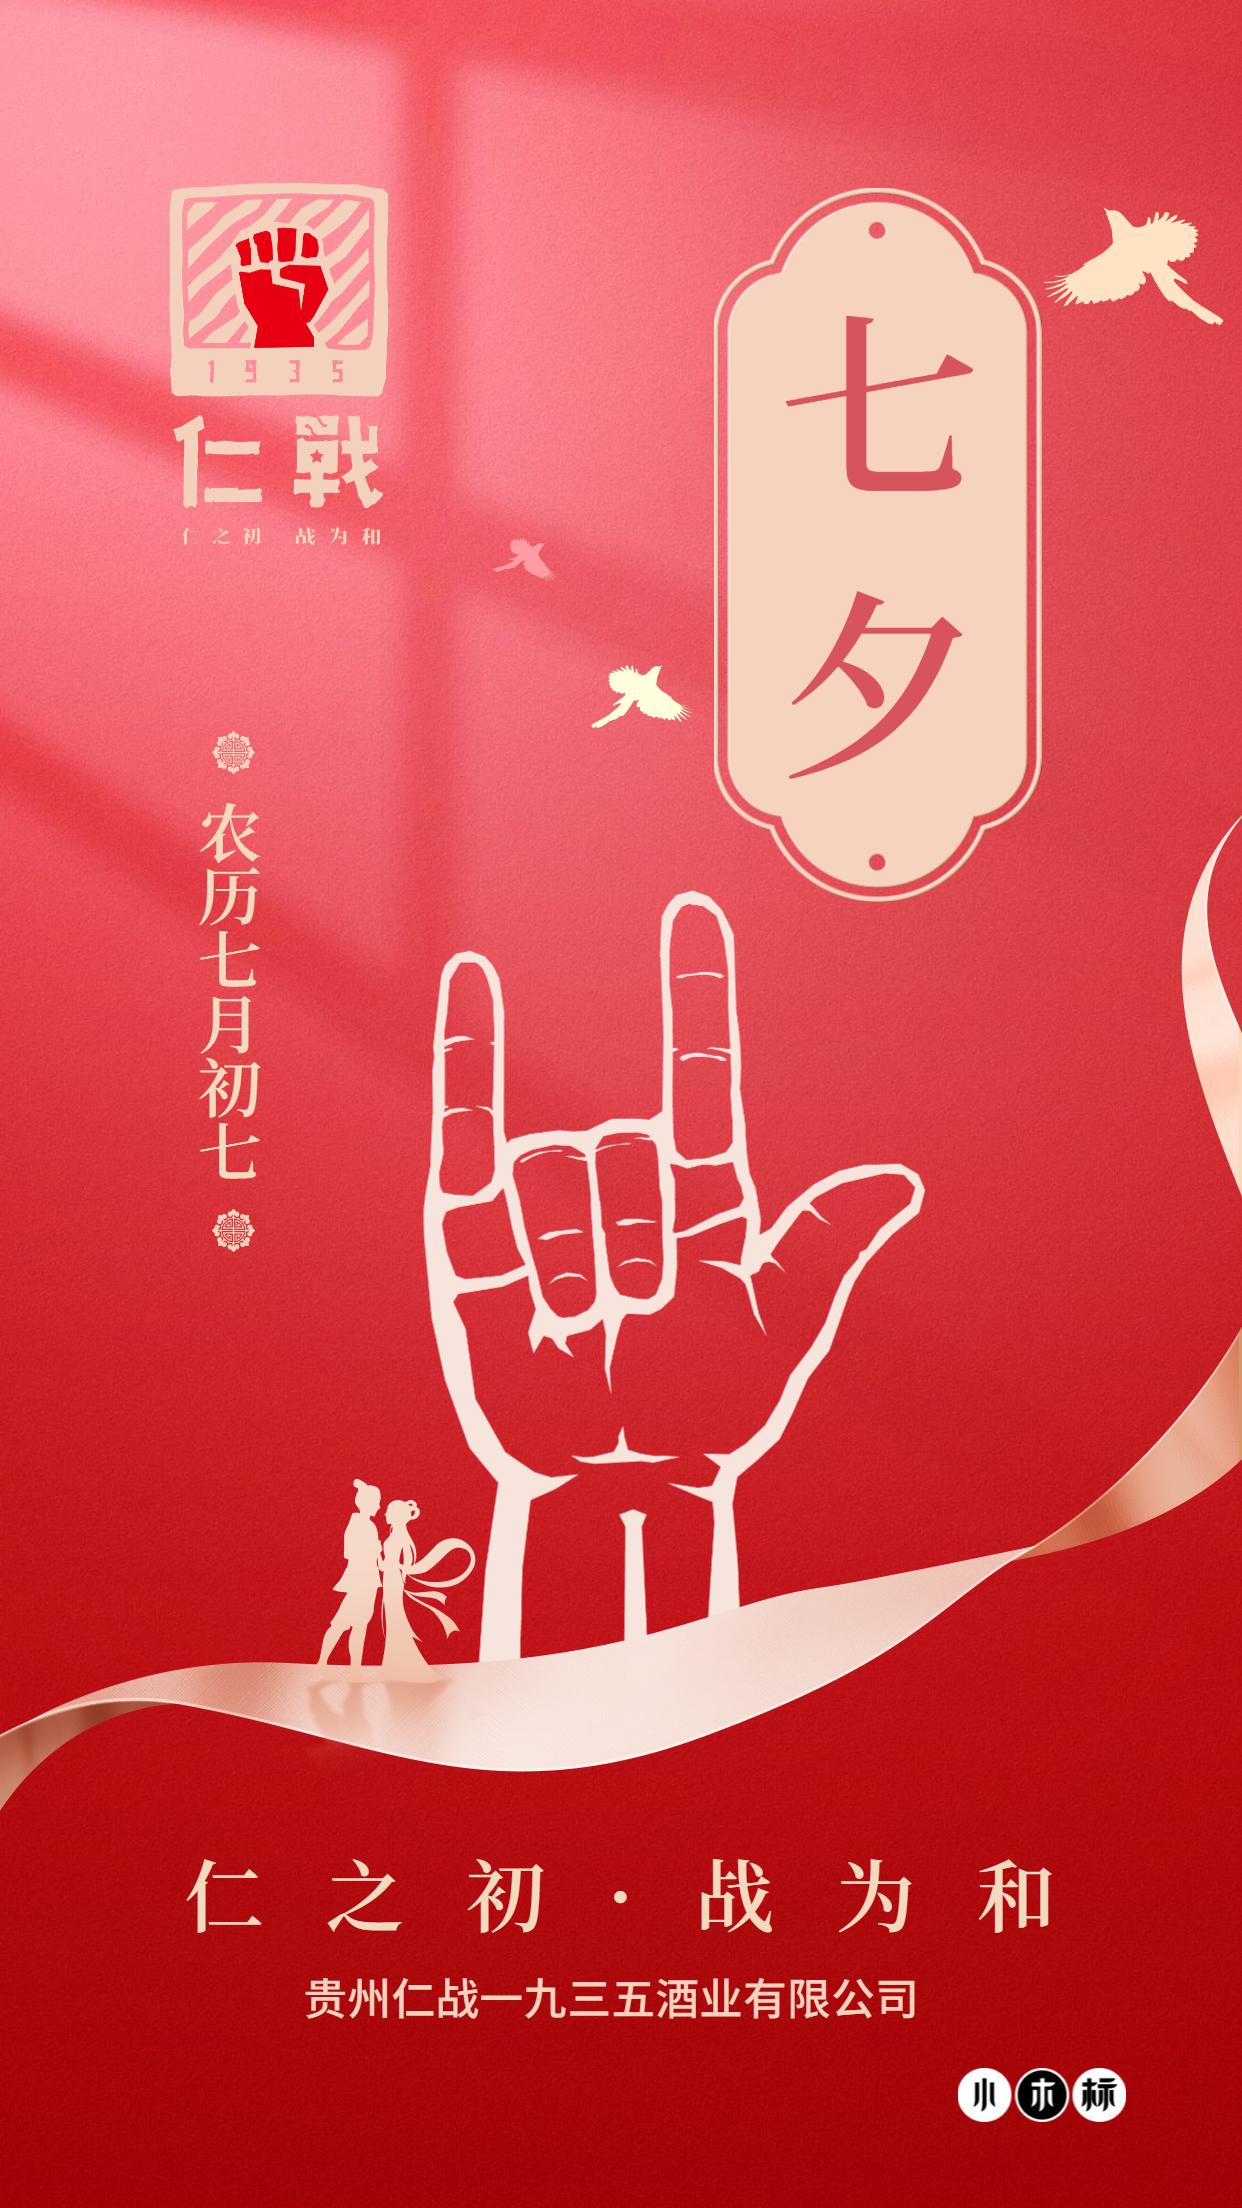 2020七夕节LOGO大比拼,仁战酒、百度、360搜索最耀眼